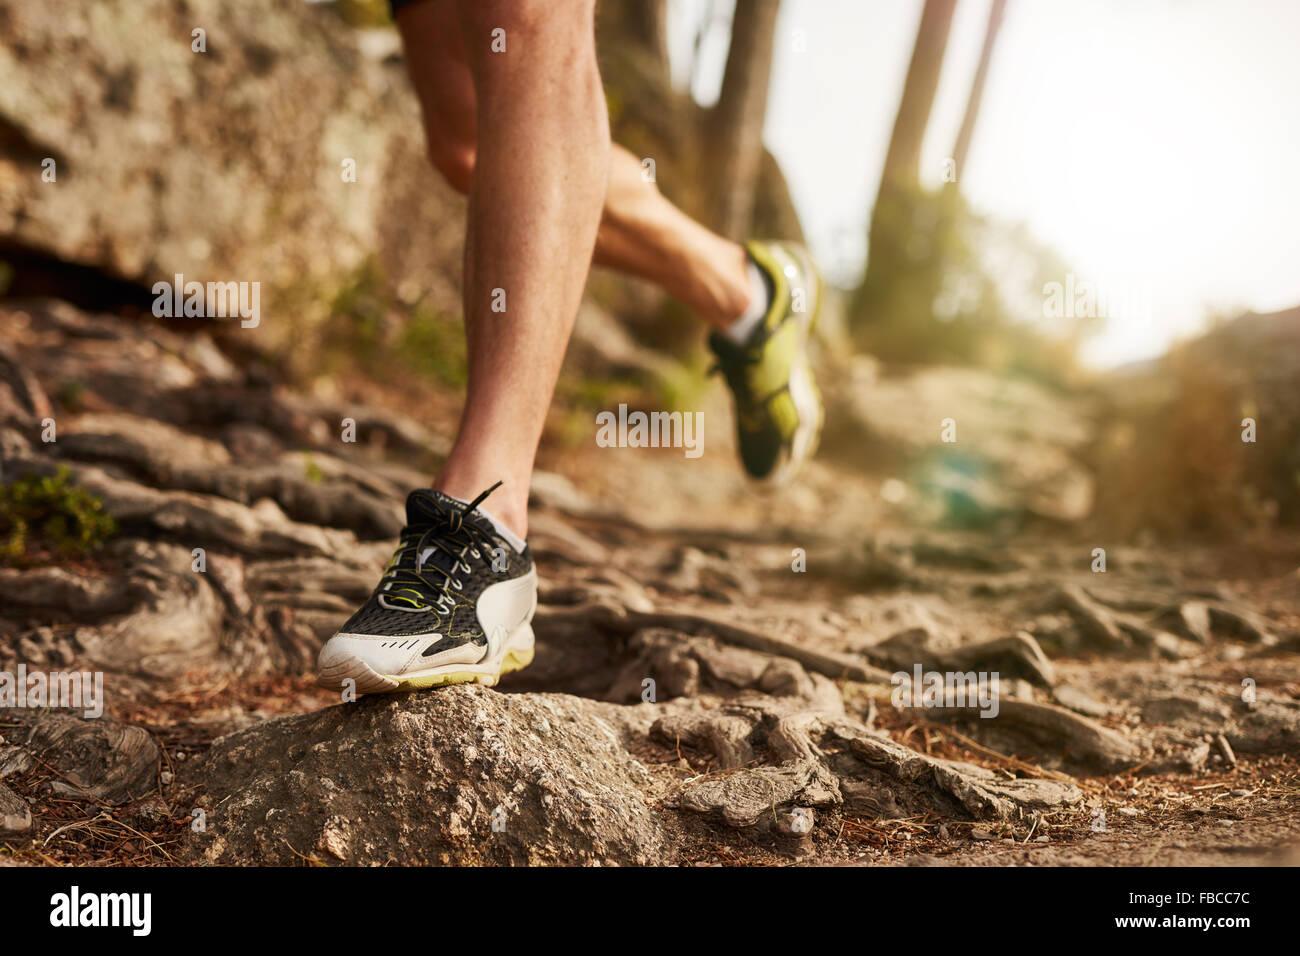 Close-up de trail running shoe sobre desafiantes terrenos rocosos. Macho de las piernas del corredor trabajando Imagen De Stock